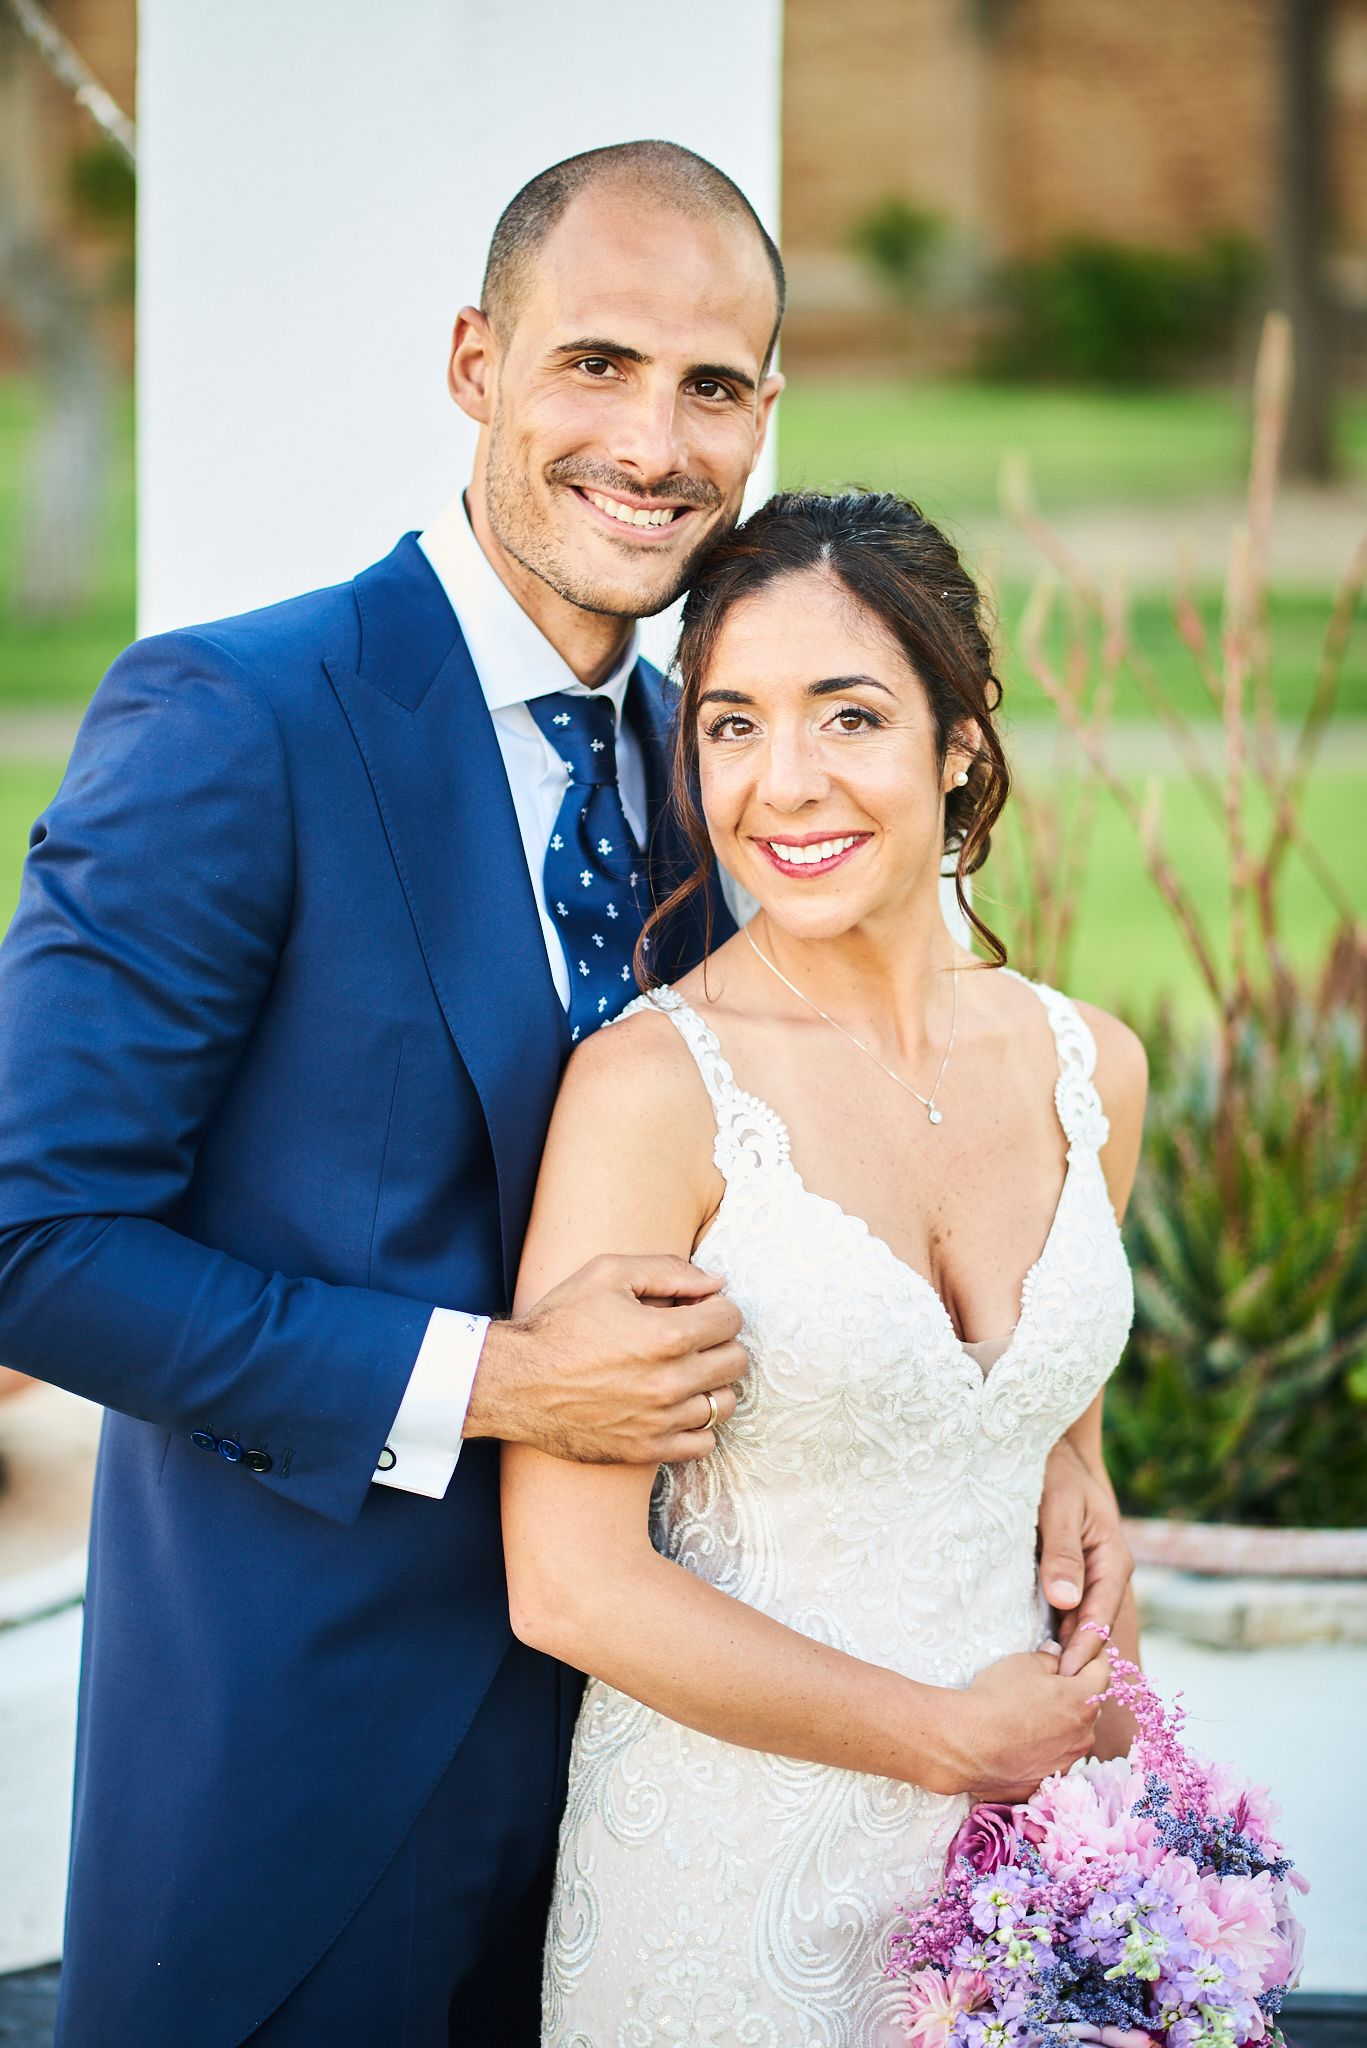 La-22Destination-Wedding22-en-Moguer-de-Lauren-y-JosC3A9-Antonio-JoseAntonio-alejandromarmol2276.jpg